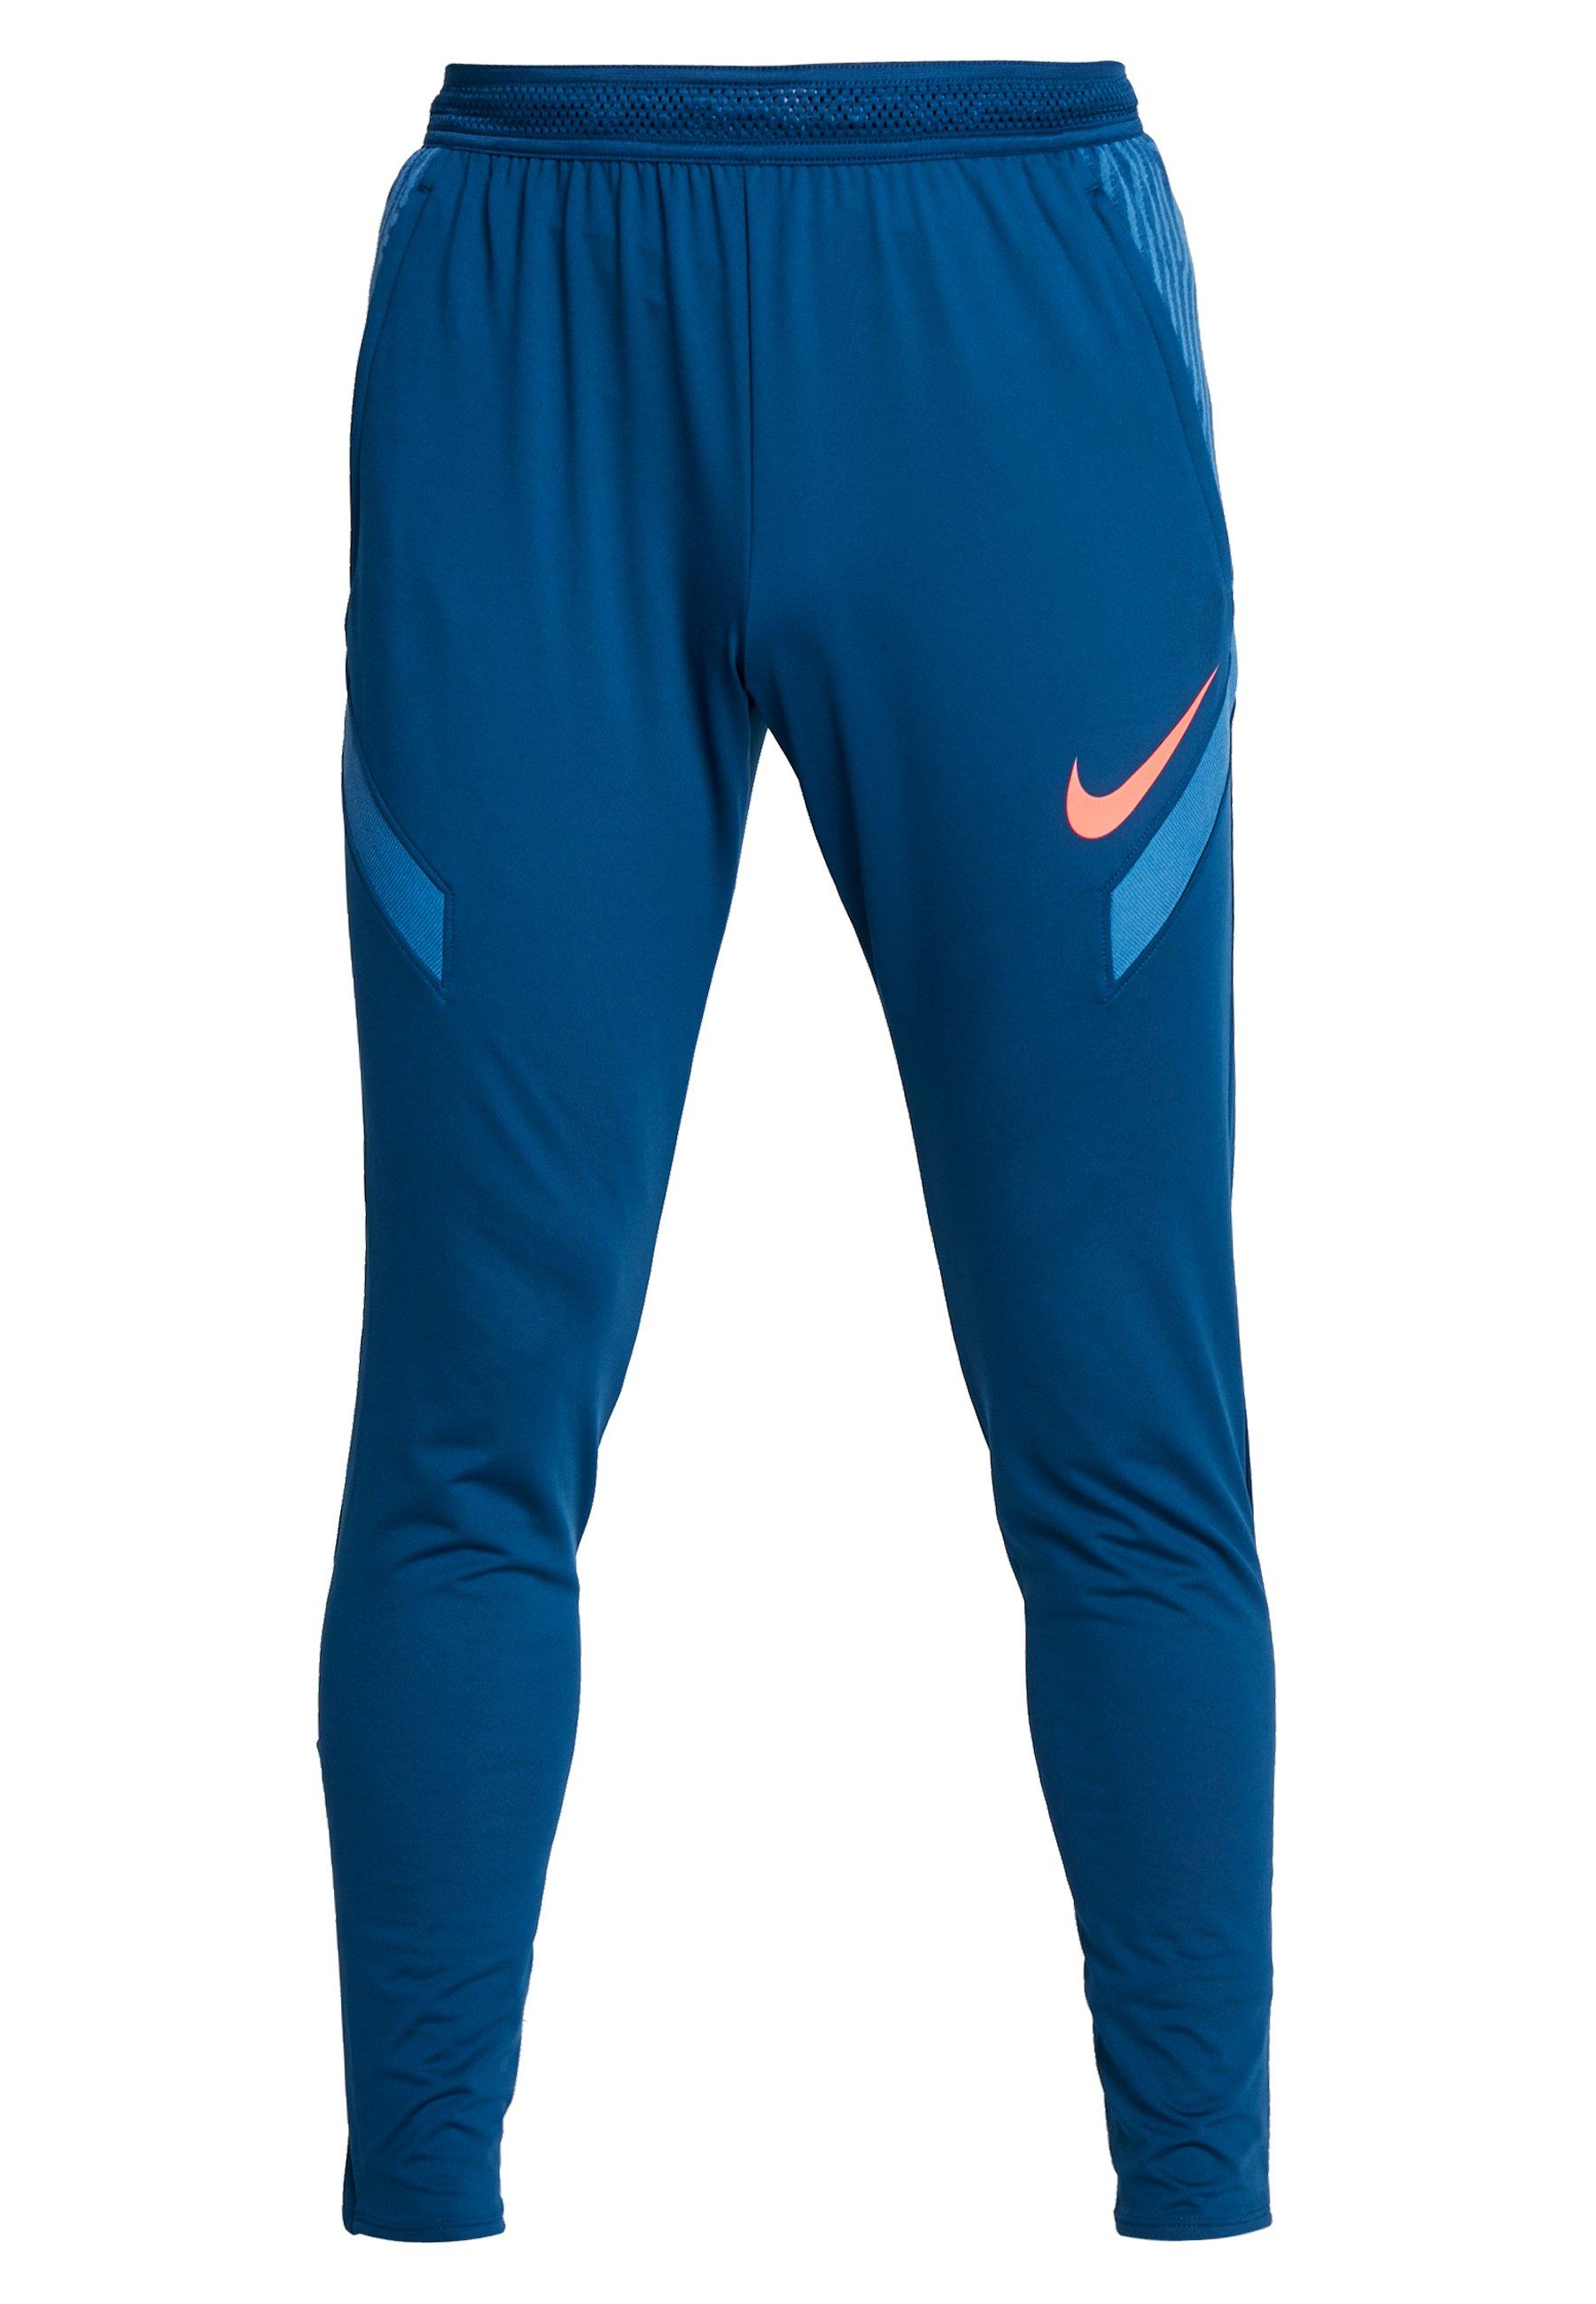 Nike Performance NIKE DRI-FIT STRIKE  HERREN-FUBALLHOSE - Pantaloni sportivi - valerian blue/laser crimson